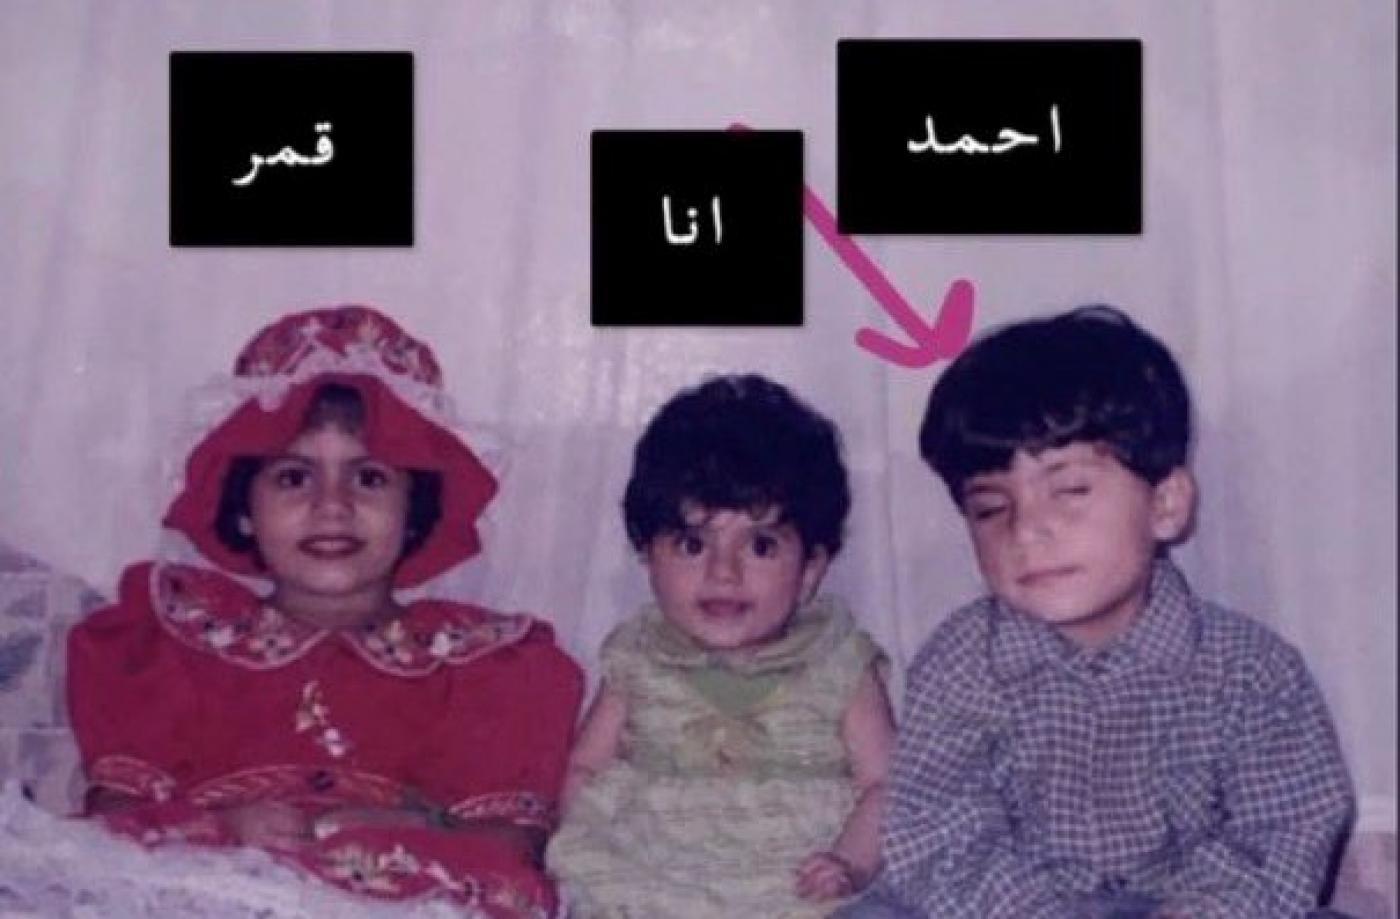 یک زن اهل عربستان سعودی به دلیل داشتن اسنپ چت (Snapchat) توسط برادرانش کشته شده و در دل بیابان دفن شده است.